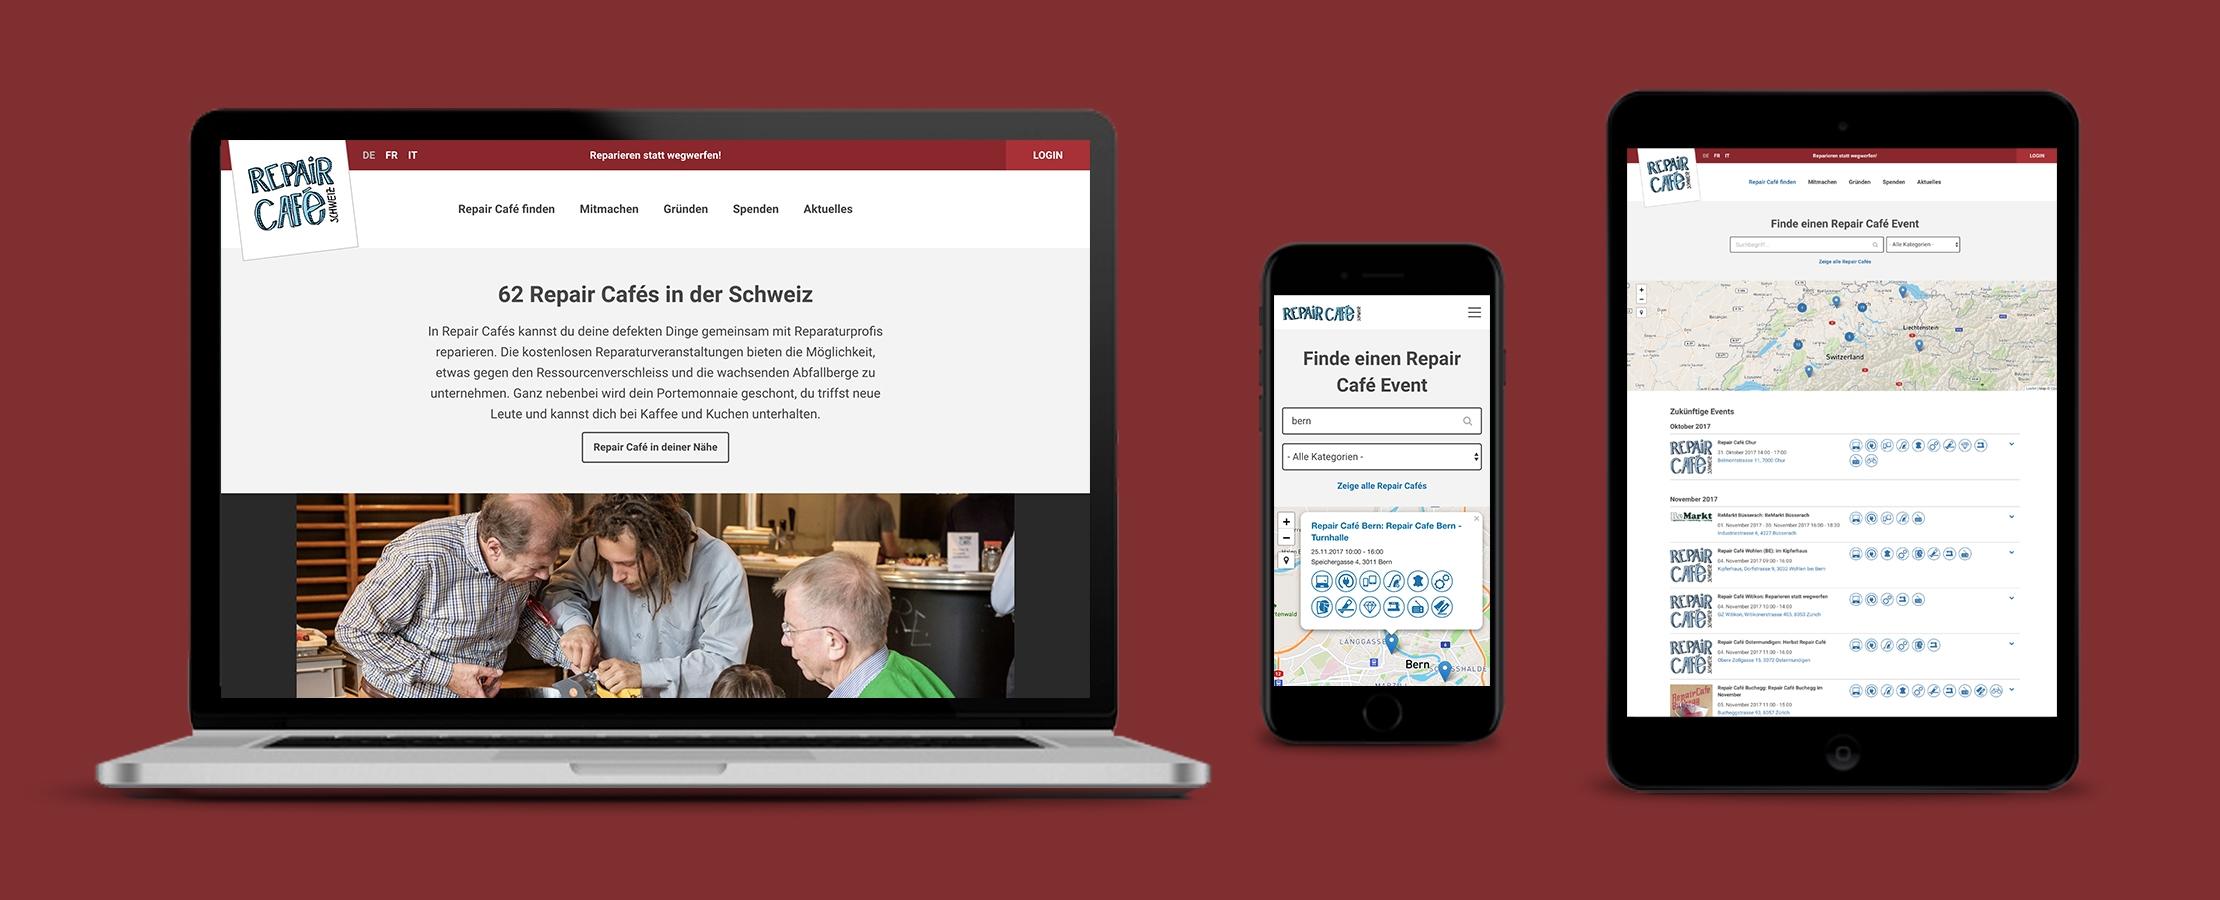 Neue Webseite für Repair Cafés und Konsumenten!